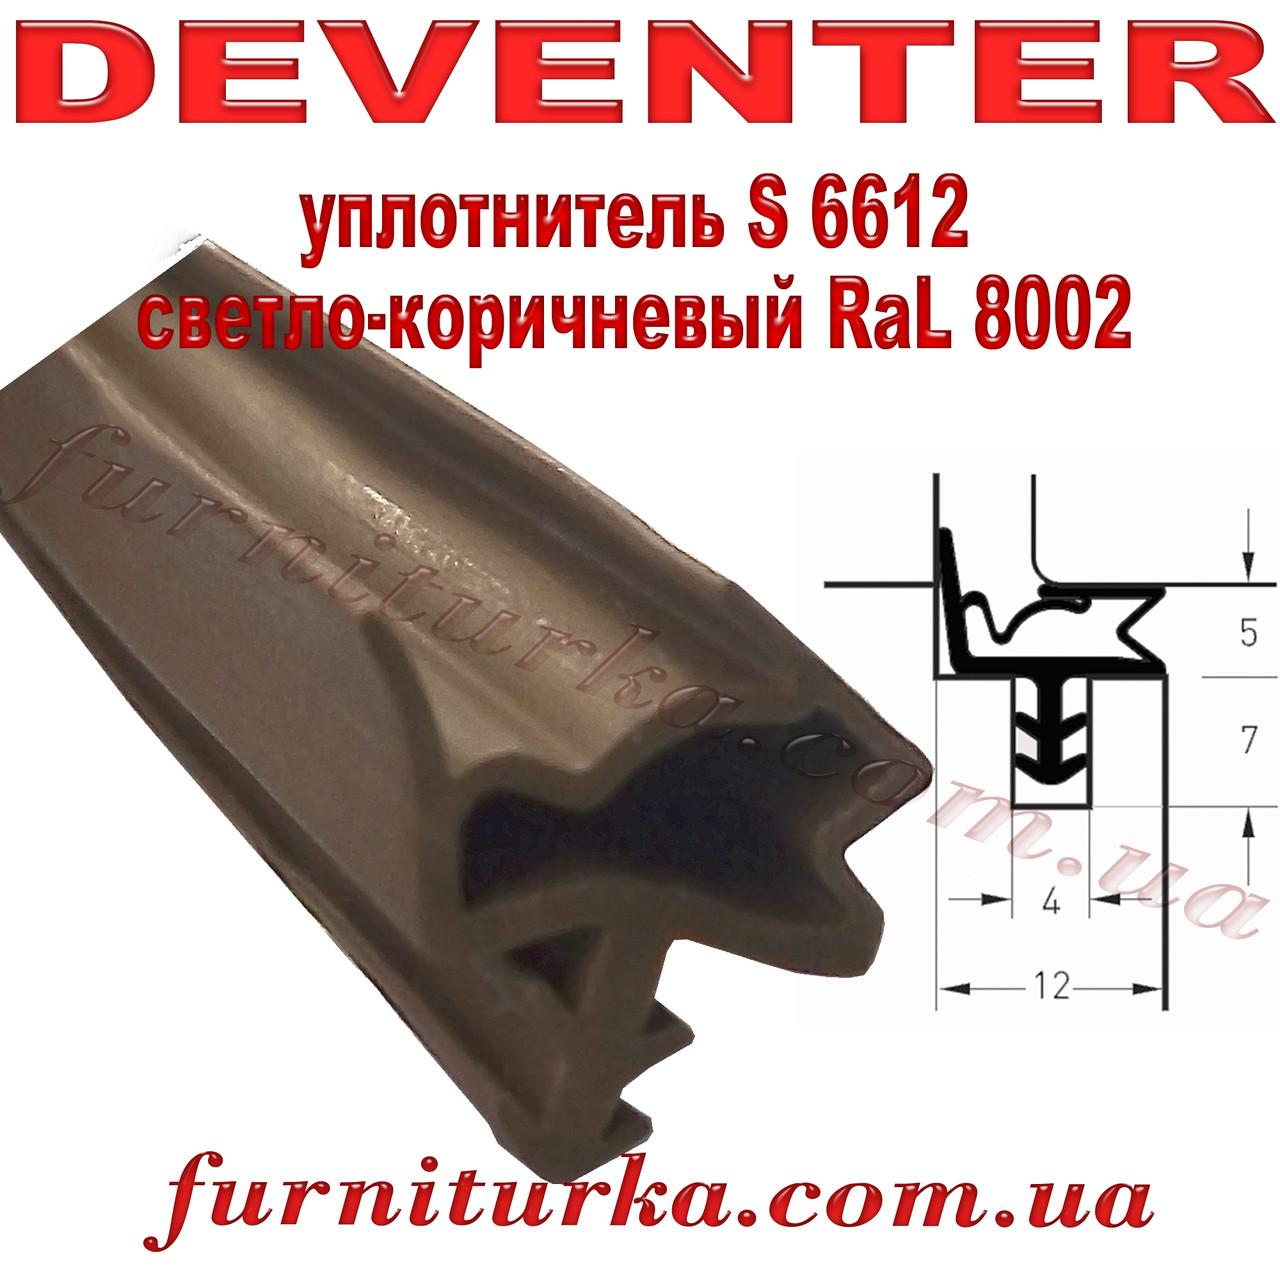 Уплотнитель дверной Deventer S 6612 светло-коричневый RaL8002